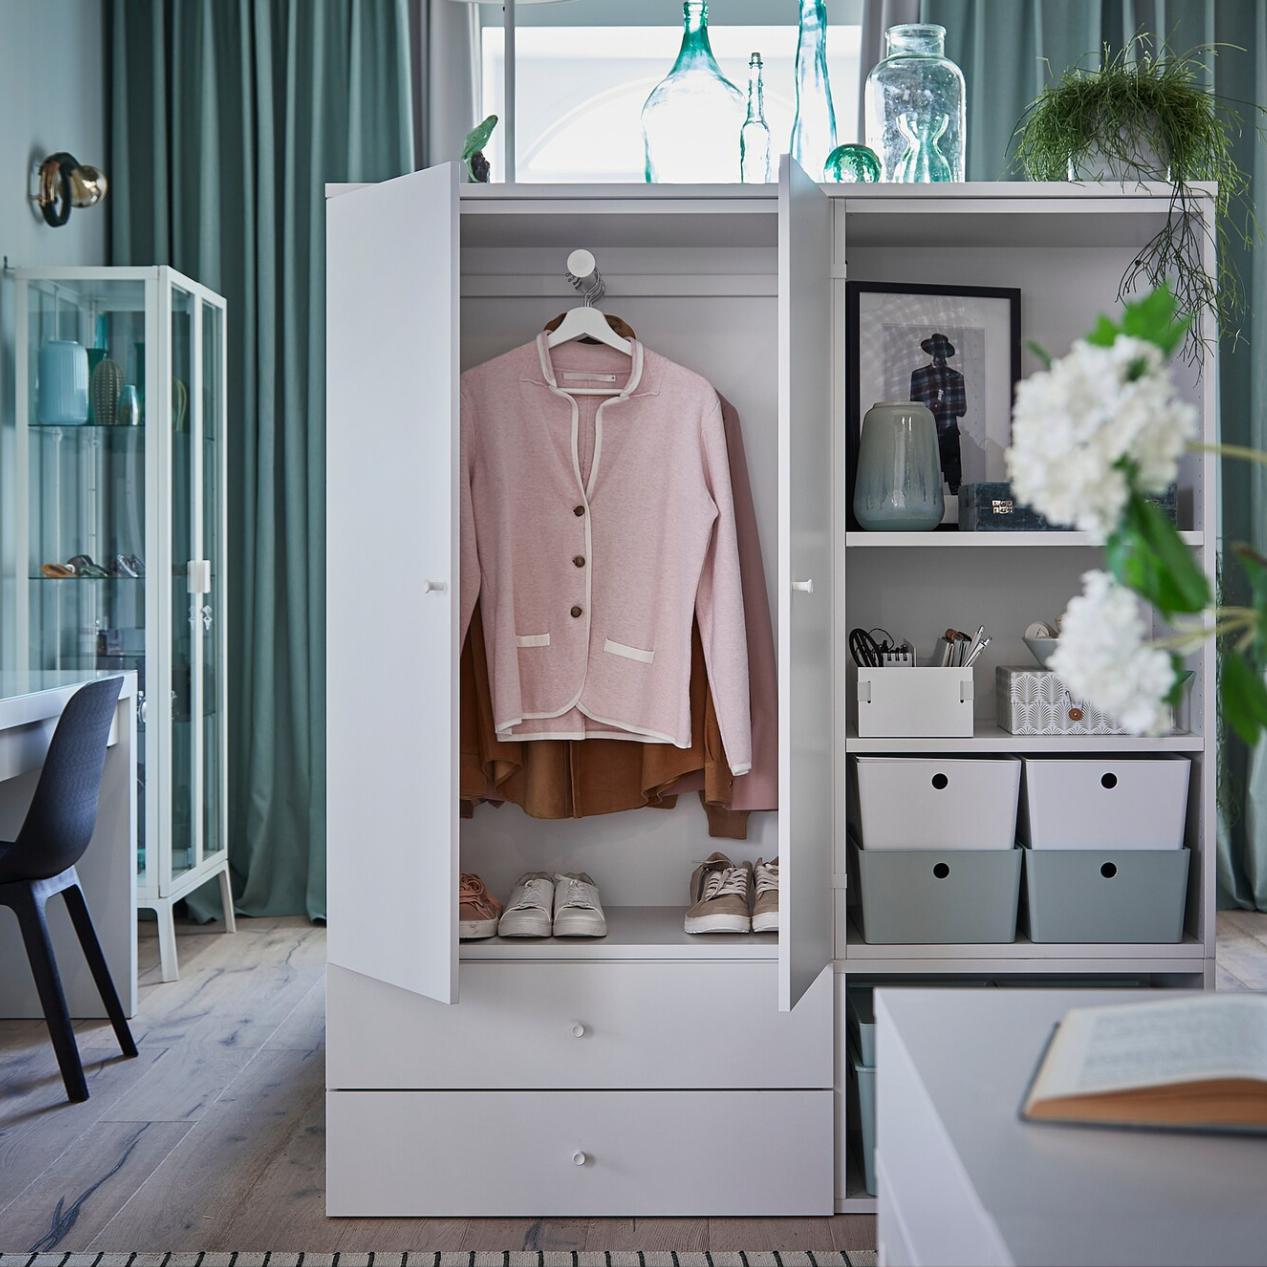 Cadre Photo Sur Pied Ikea les plus belles pièces de la rentrée chez ikea | blog